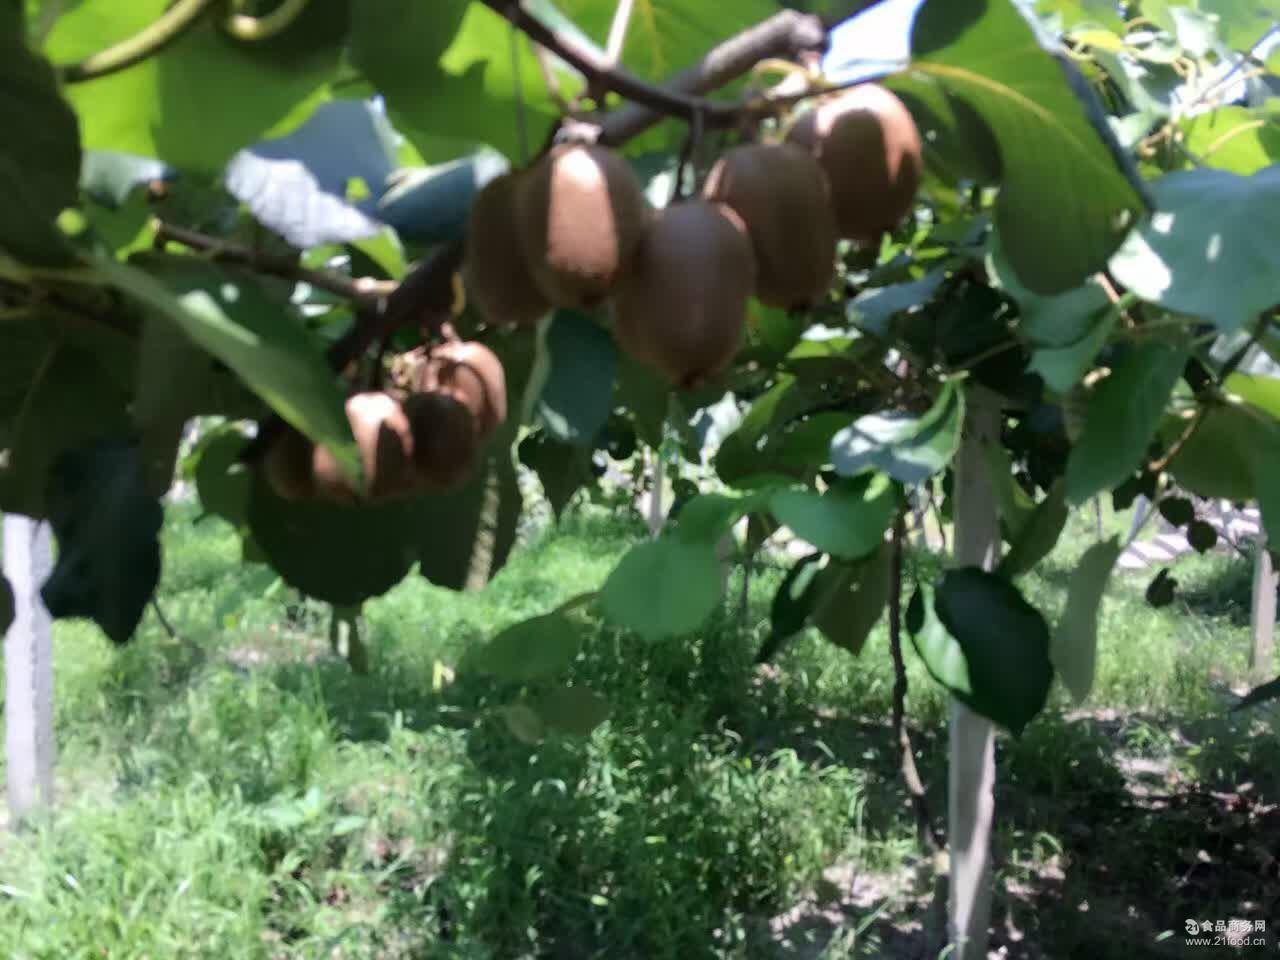 8月25号发货一件代发 预售徐香猕猴桃大果4.8斤-5斤25个左右